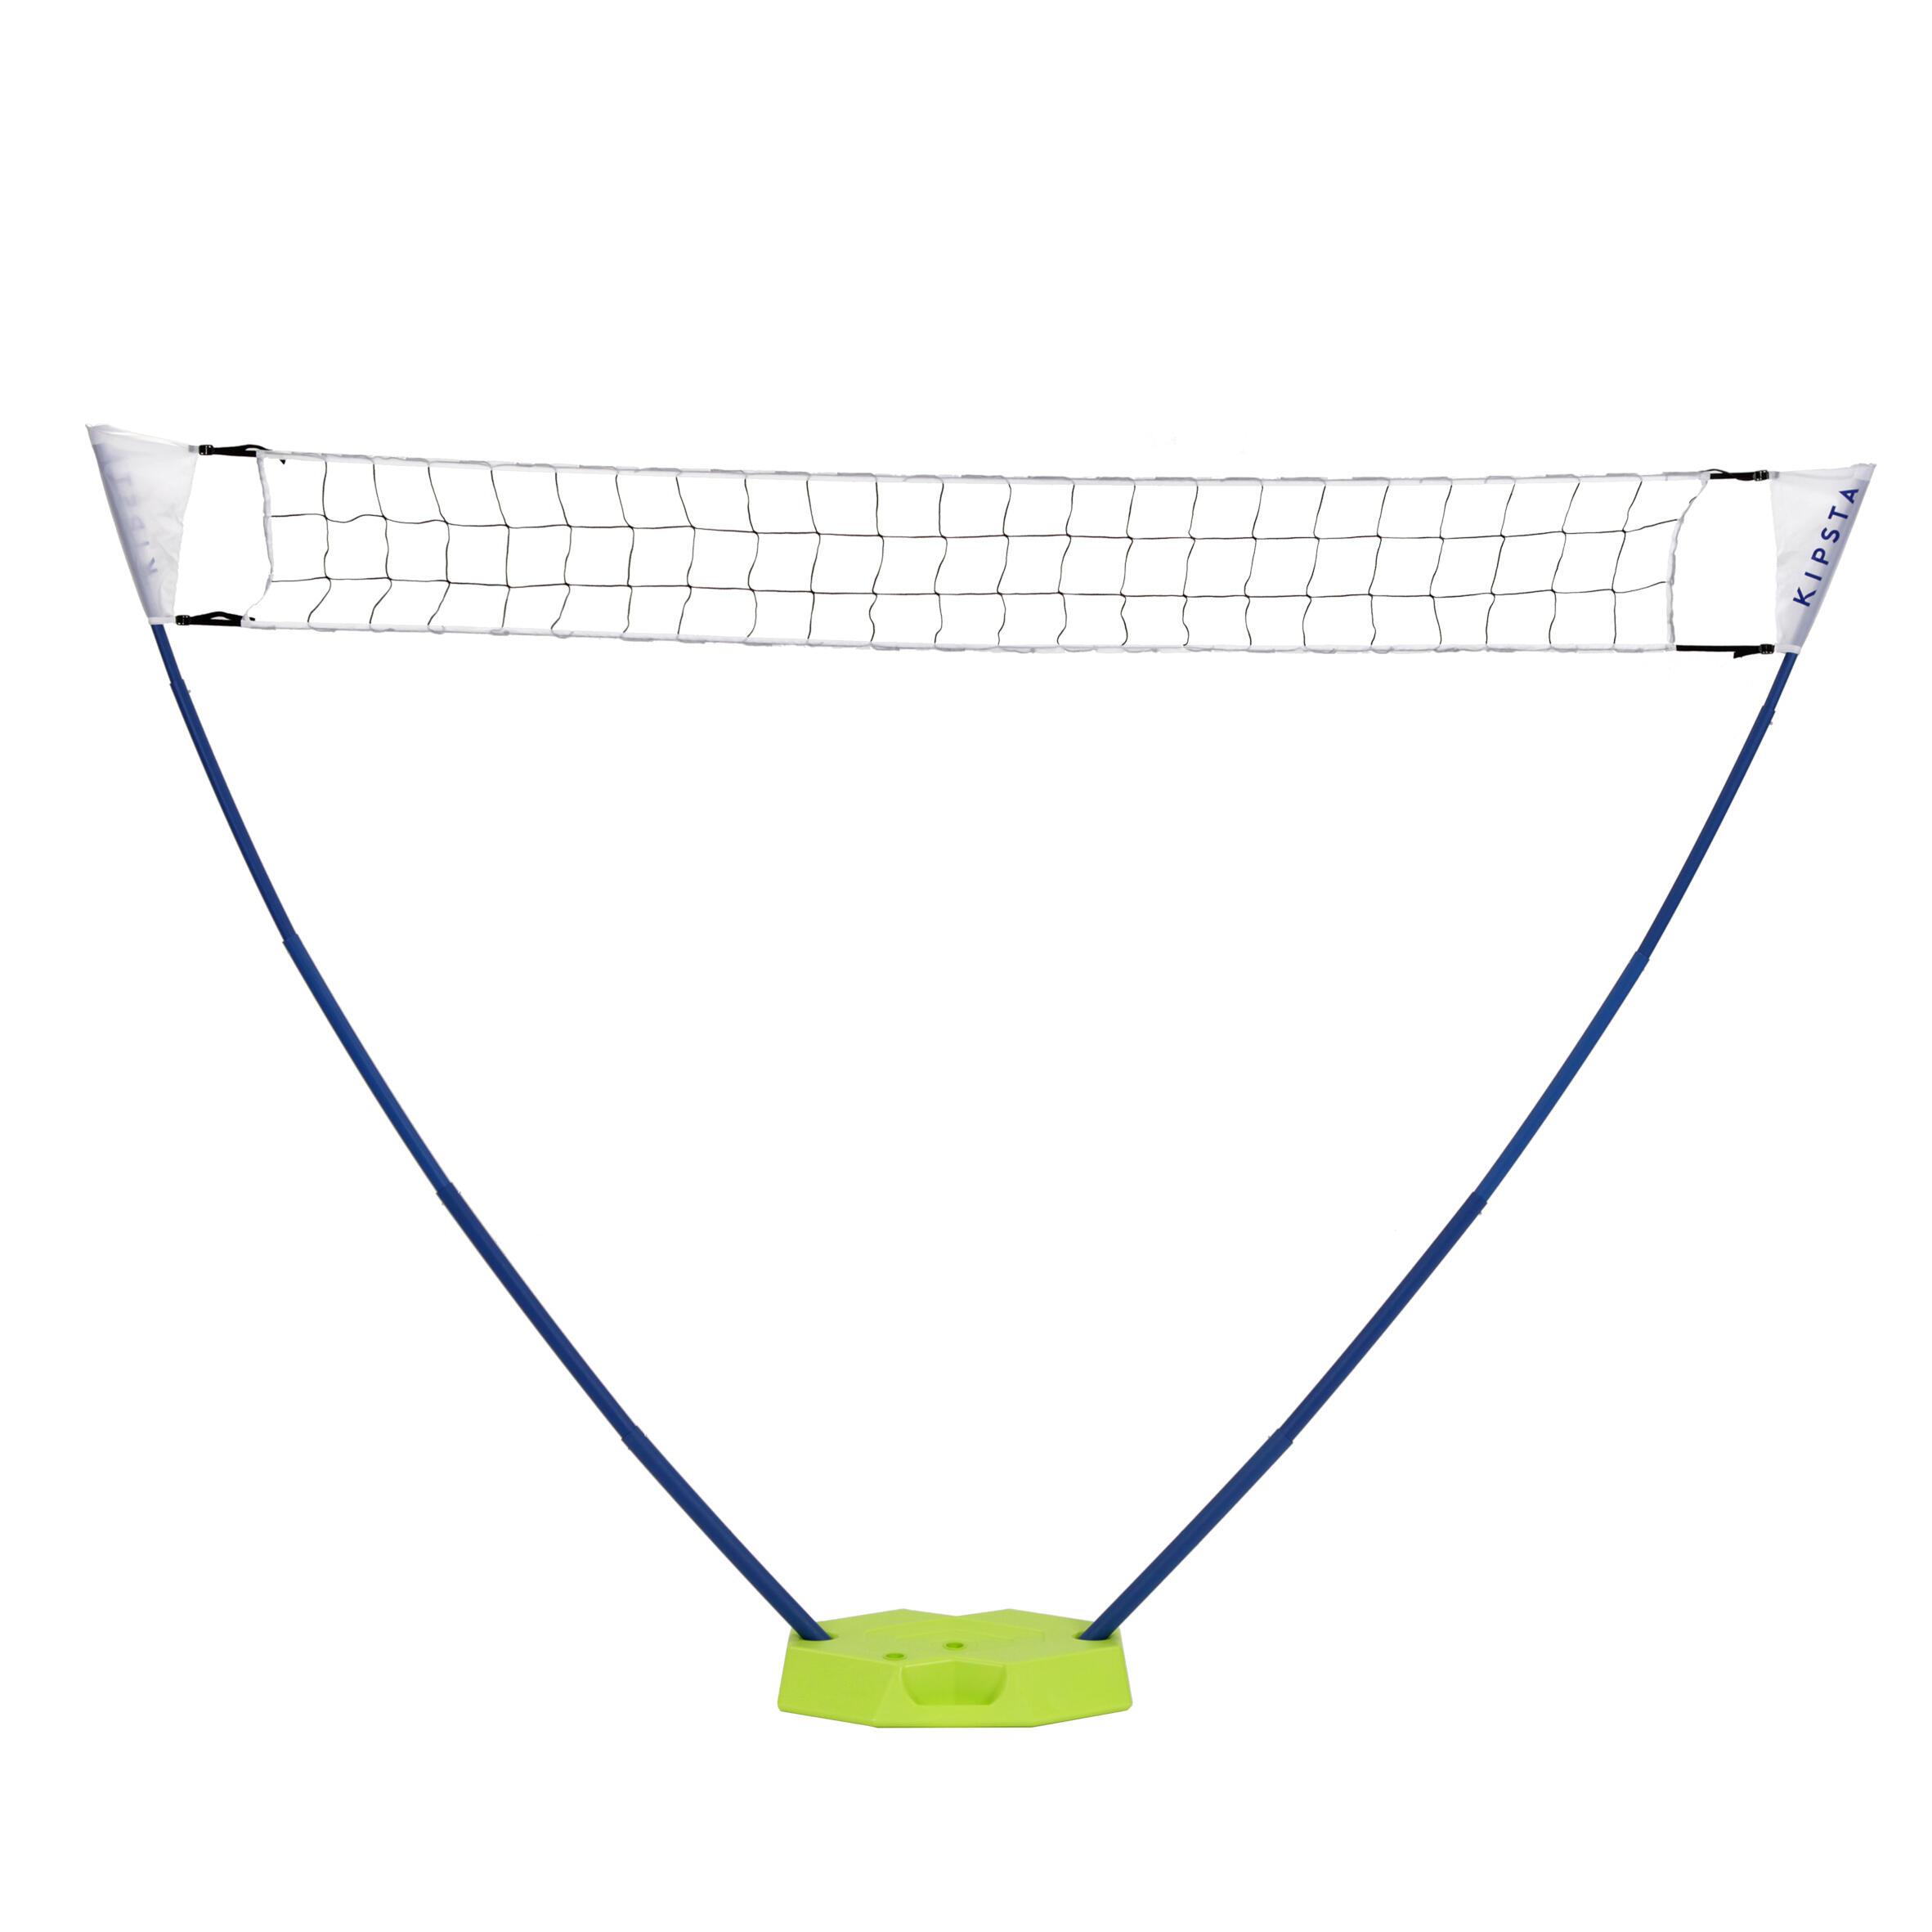 Kipsta Volleybalnet BV100 geel